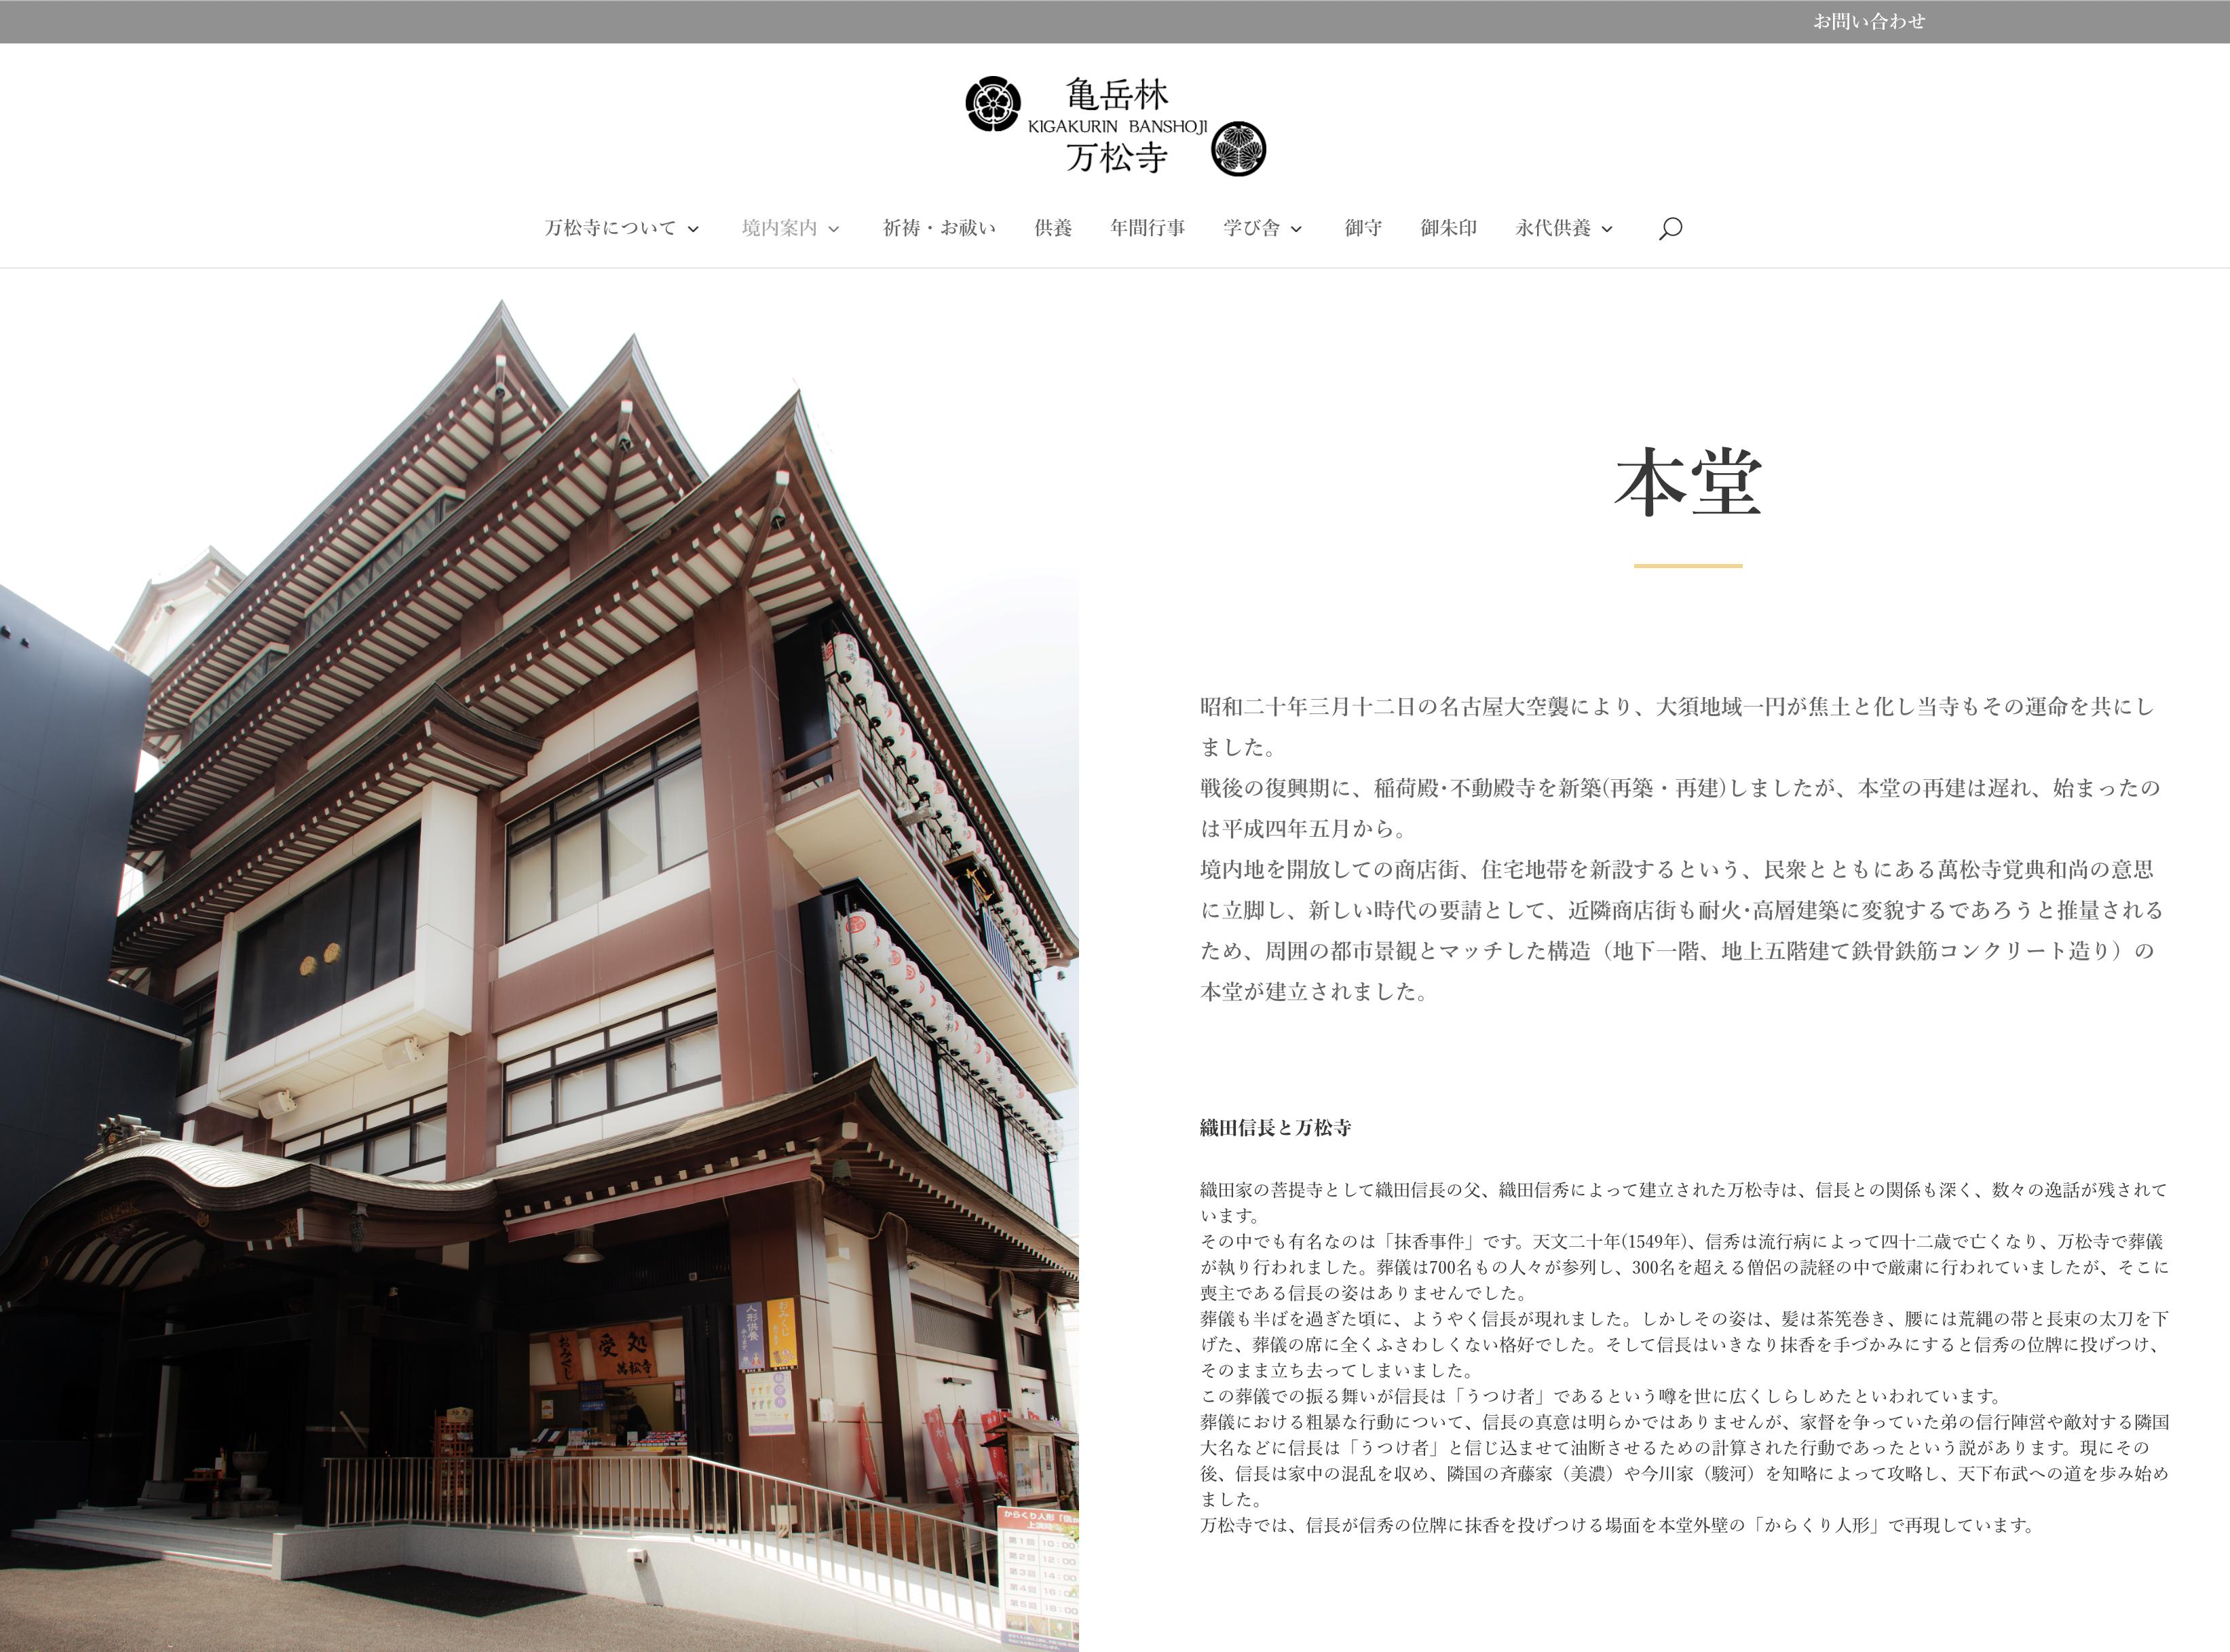 万松寺Webサイト制作 名古屋市東区のホームページ制作 パンフレット制作 ポスター制作会社のOaK 制作実績